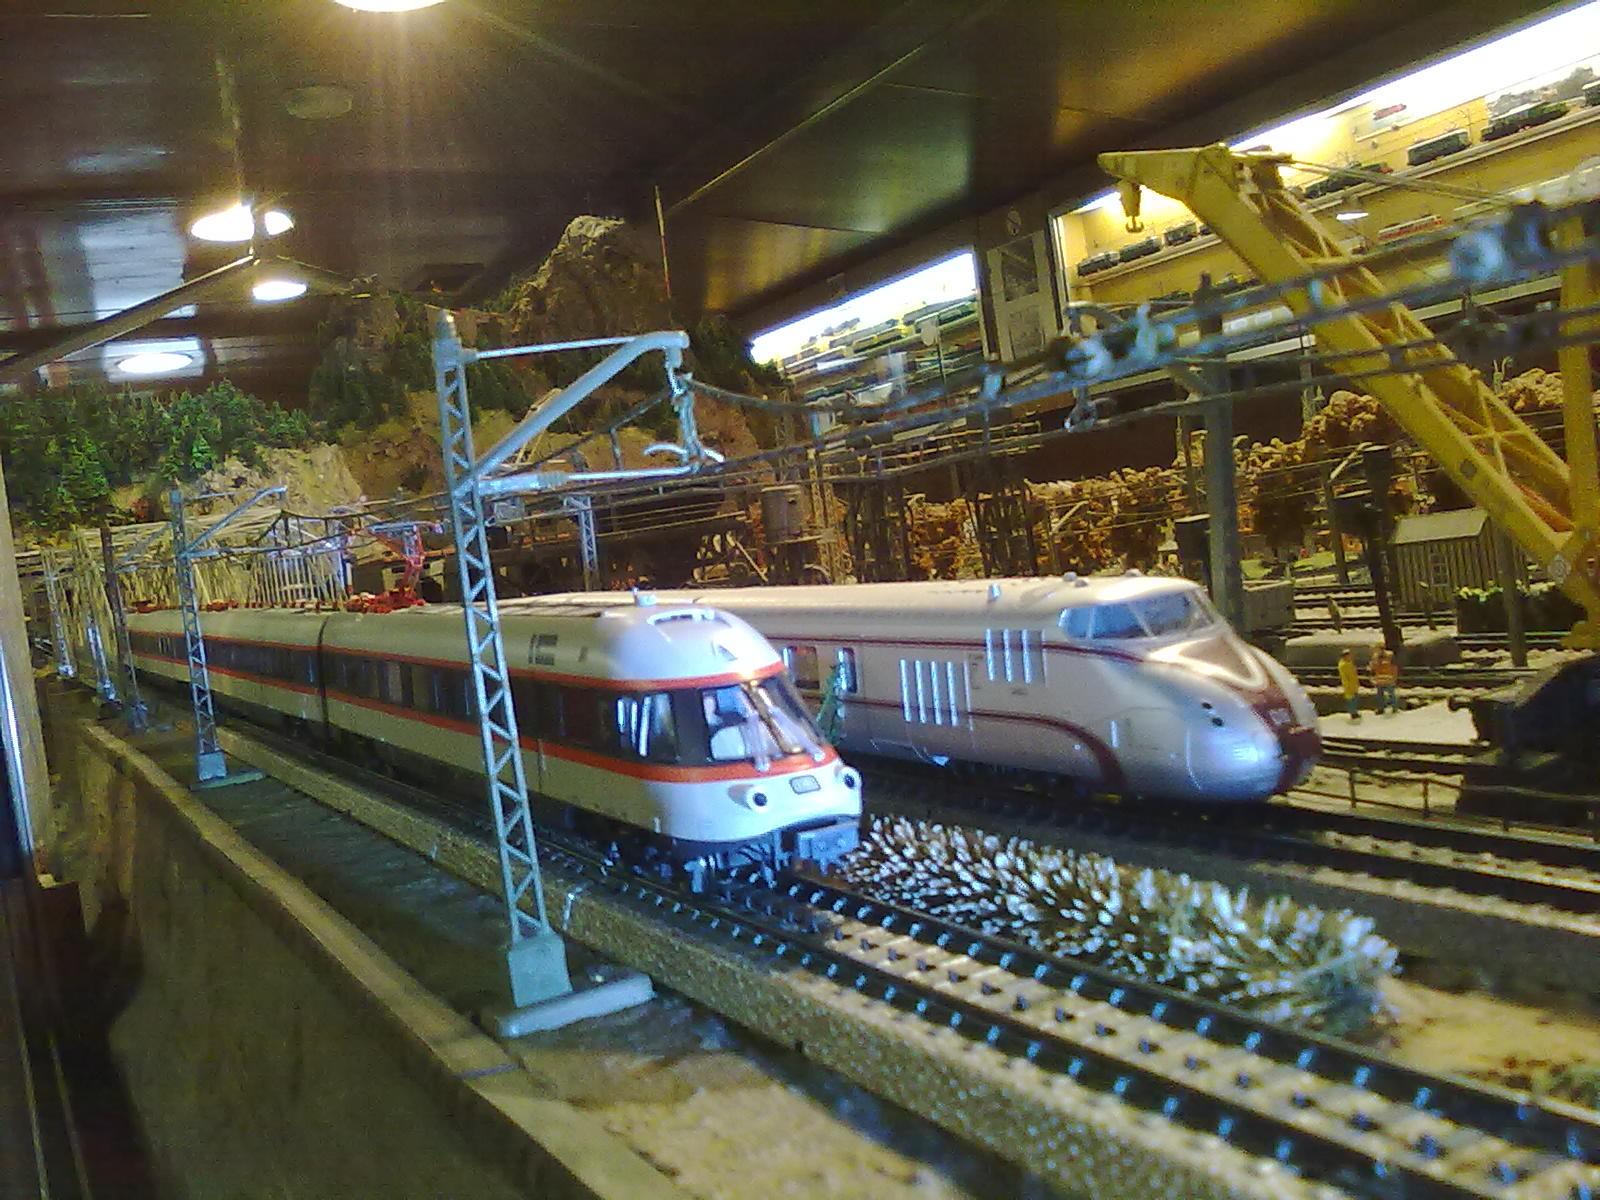 Photo: Mit einigen Anpassungen läuft der Insider Triebzug störungsfrei auf dem Metall Gleis.Alles bereit für den großen Auftritt in Göppingen!